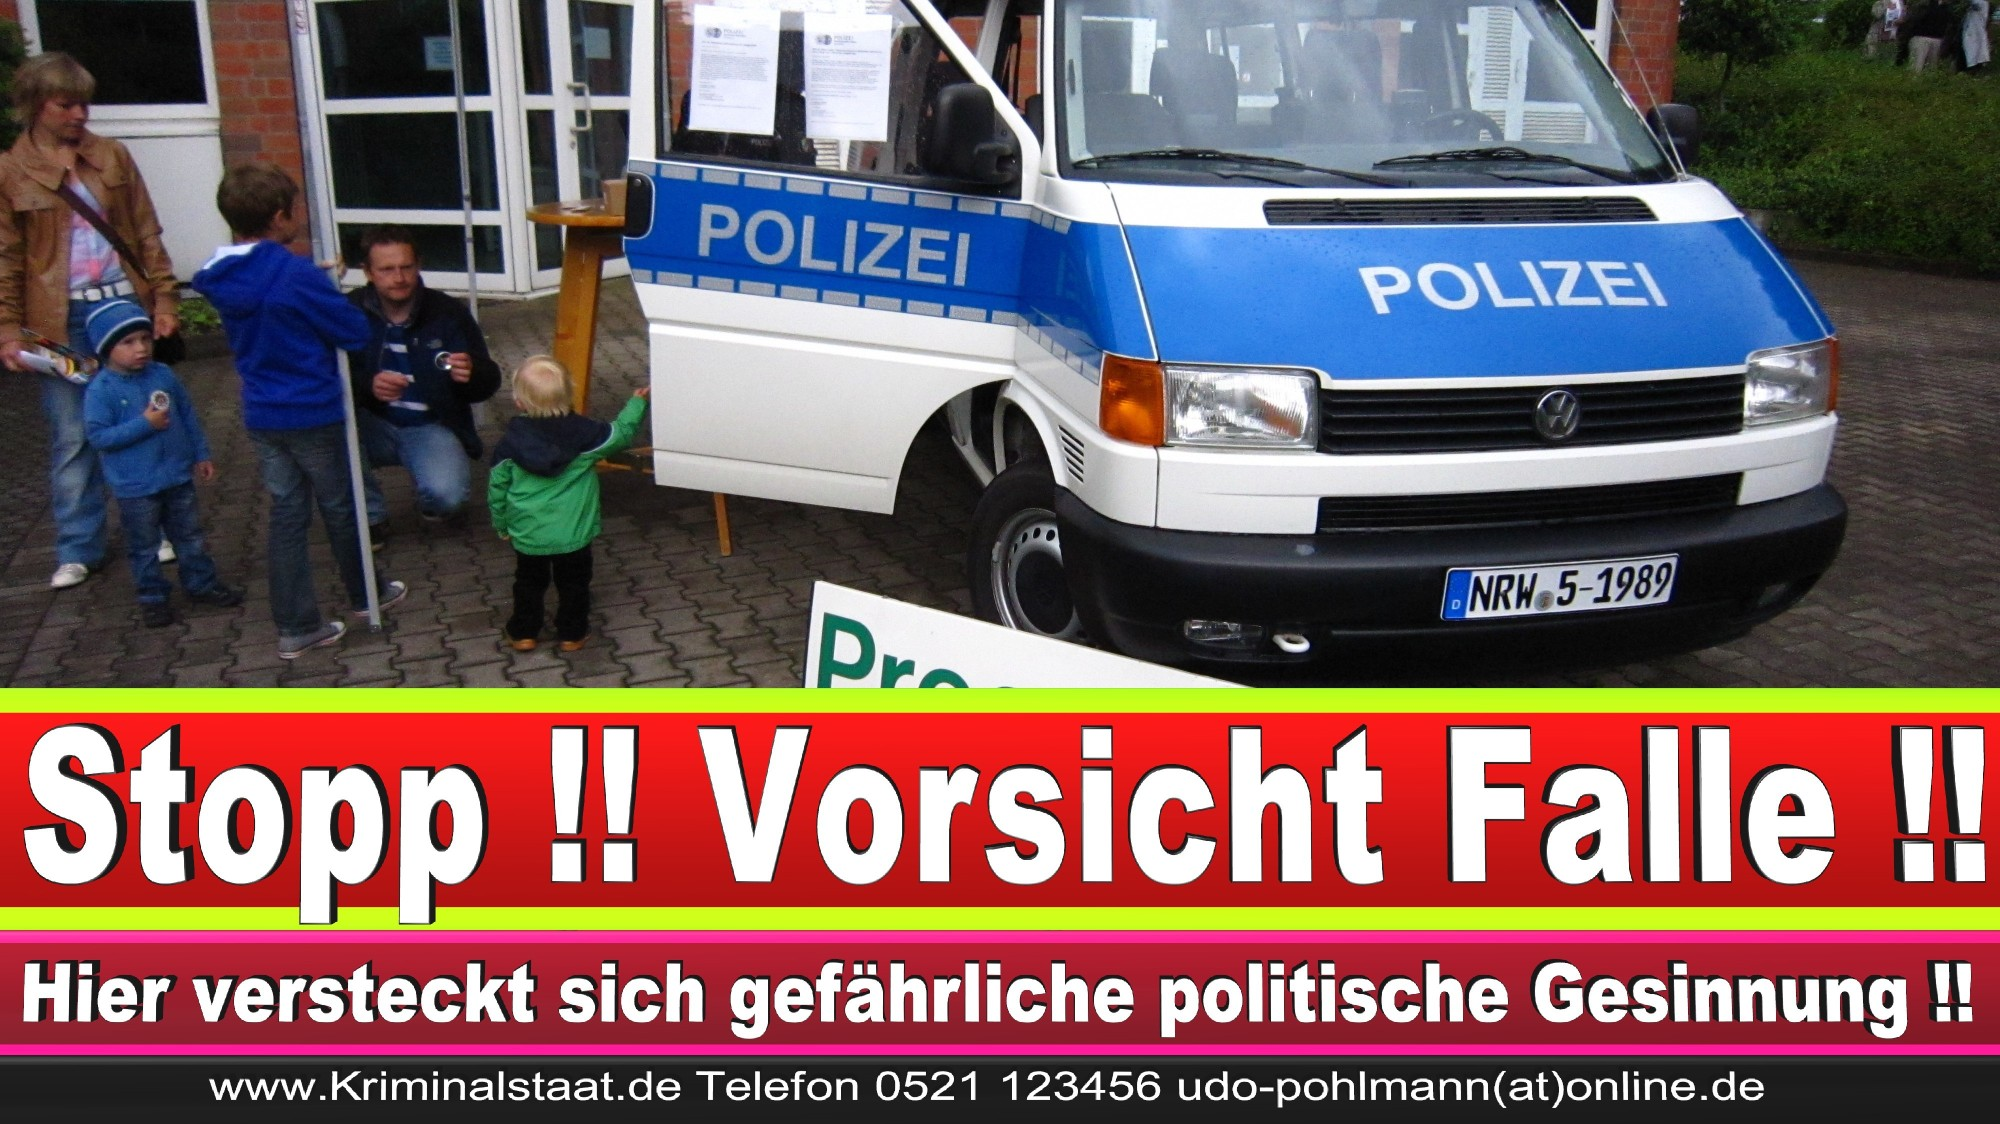 Polizeipräsidentin Katharina Giere Polizei Bielefeld NRW Erwin Südfeld Horst Kruse Polizeiuniform Polizeigewalt DEMONSTRATION Bahnhof (10) 1